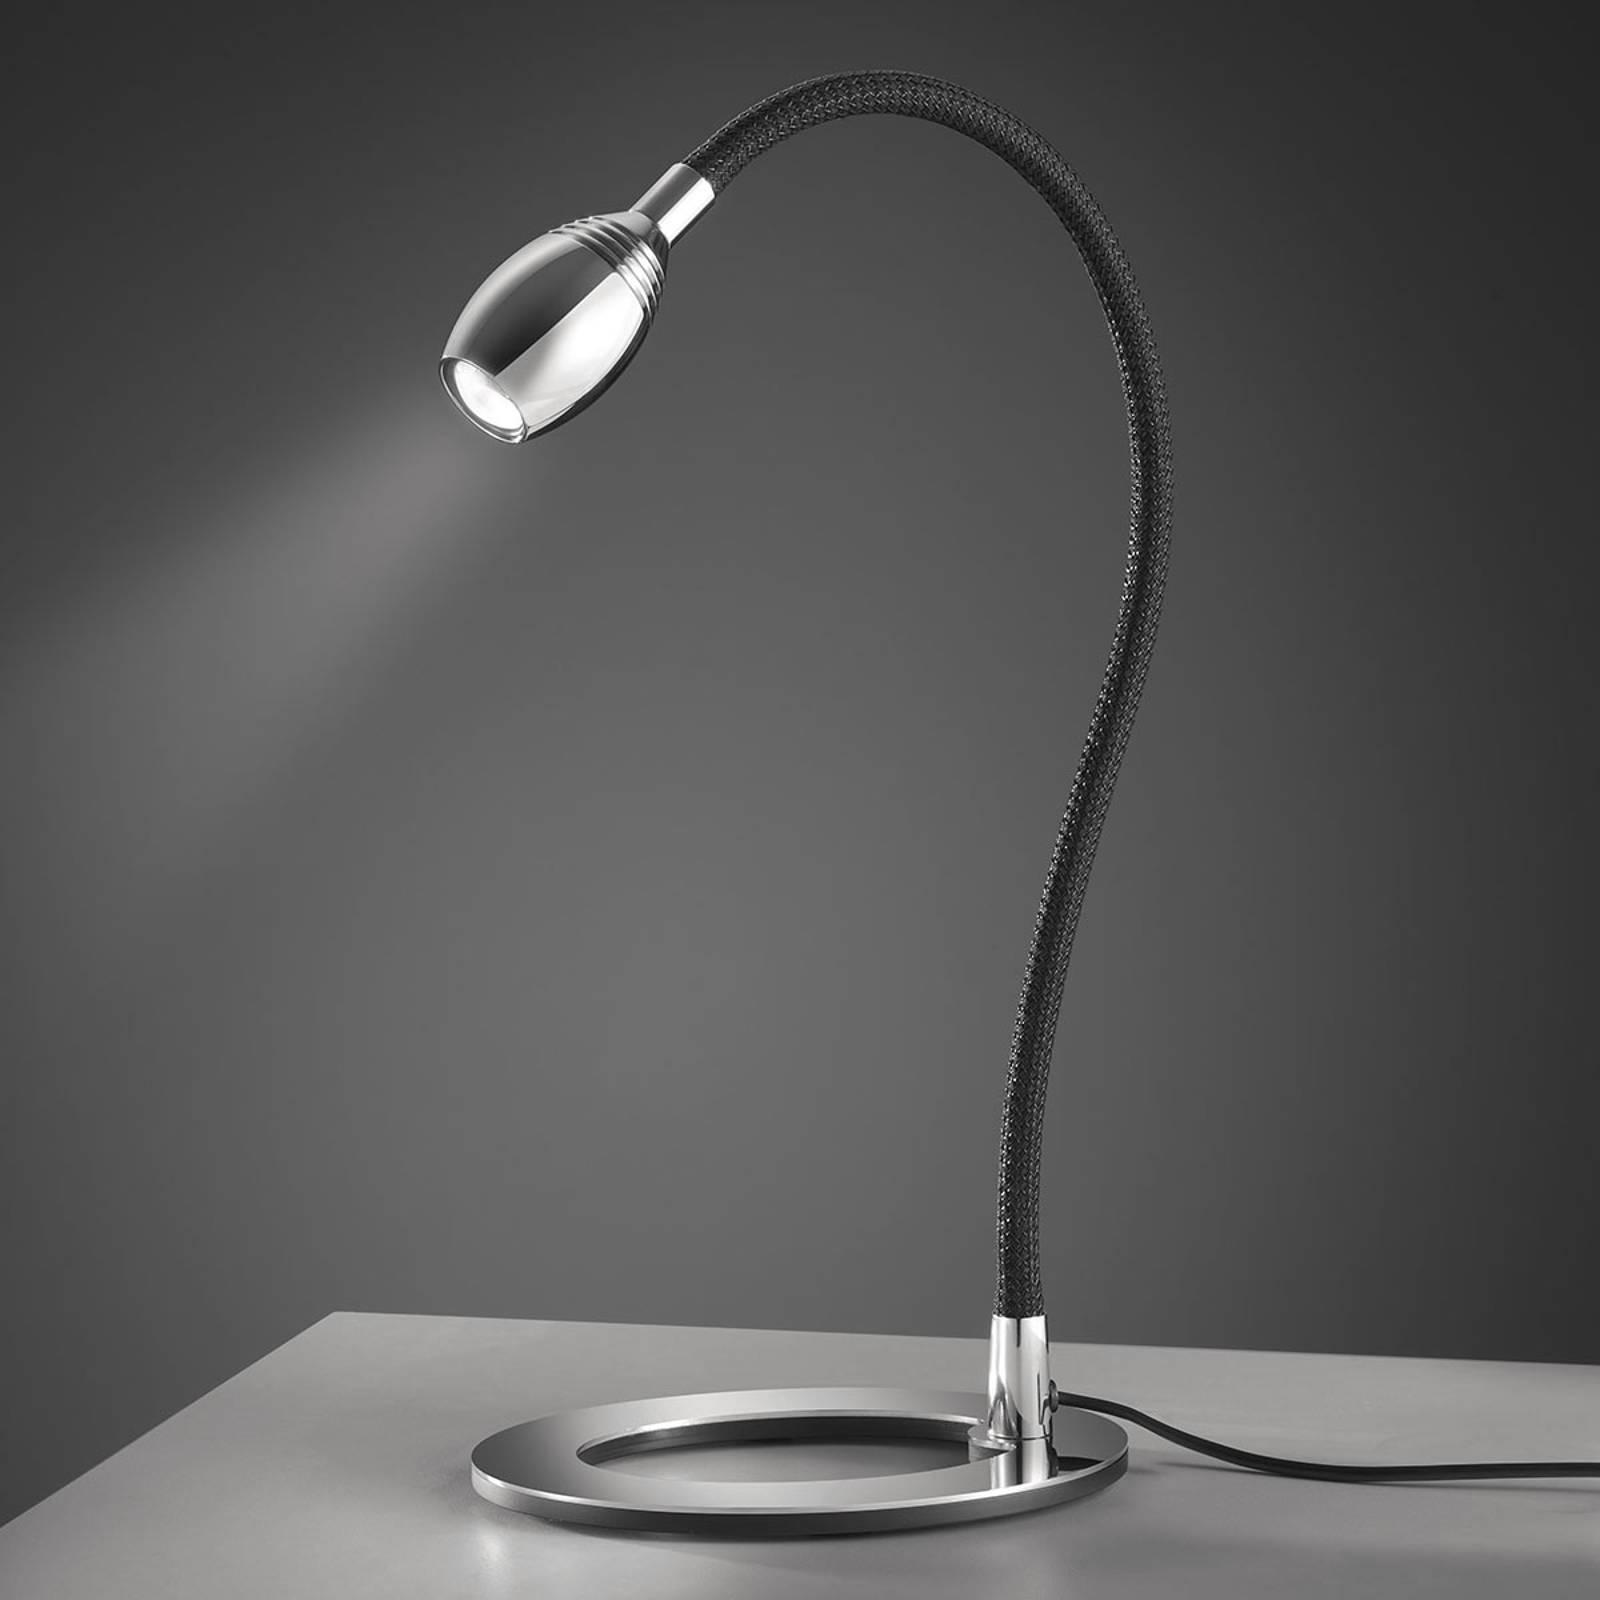 Baulmann 14.345 LED-Tischlampe Flexarm schwarz günstig online kaufen